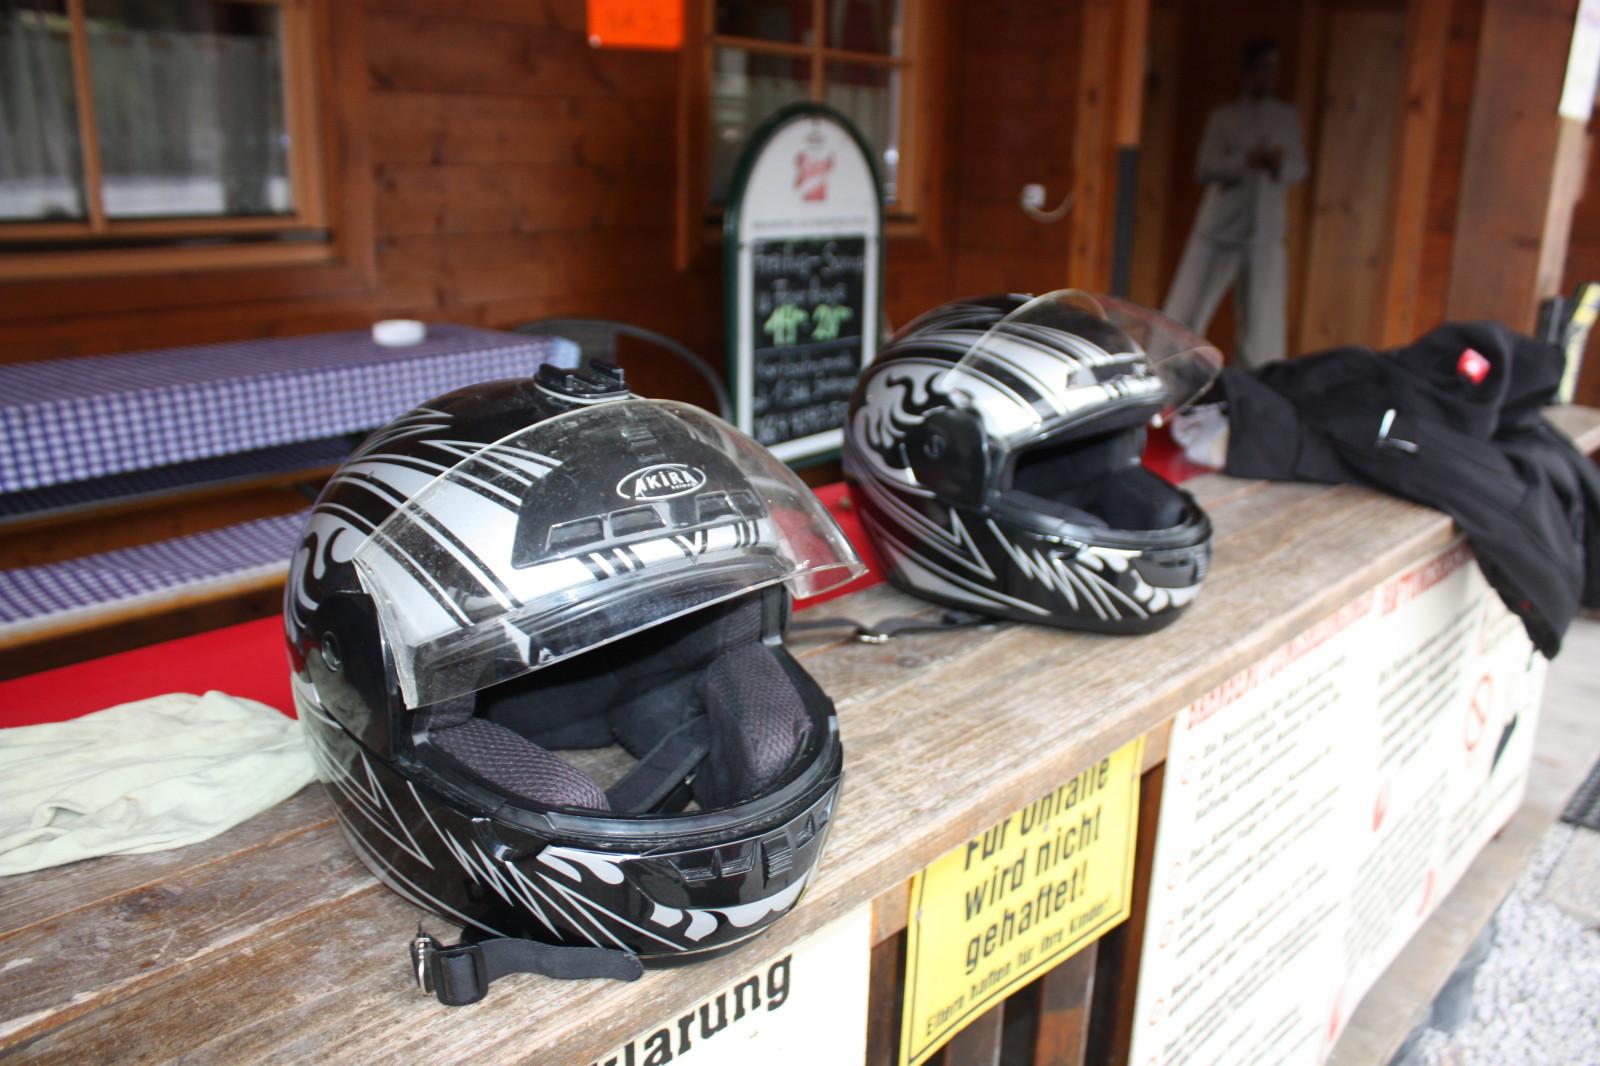 Helme stehen bereit zum Verleih